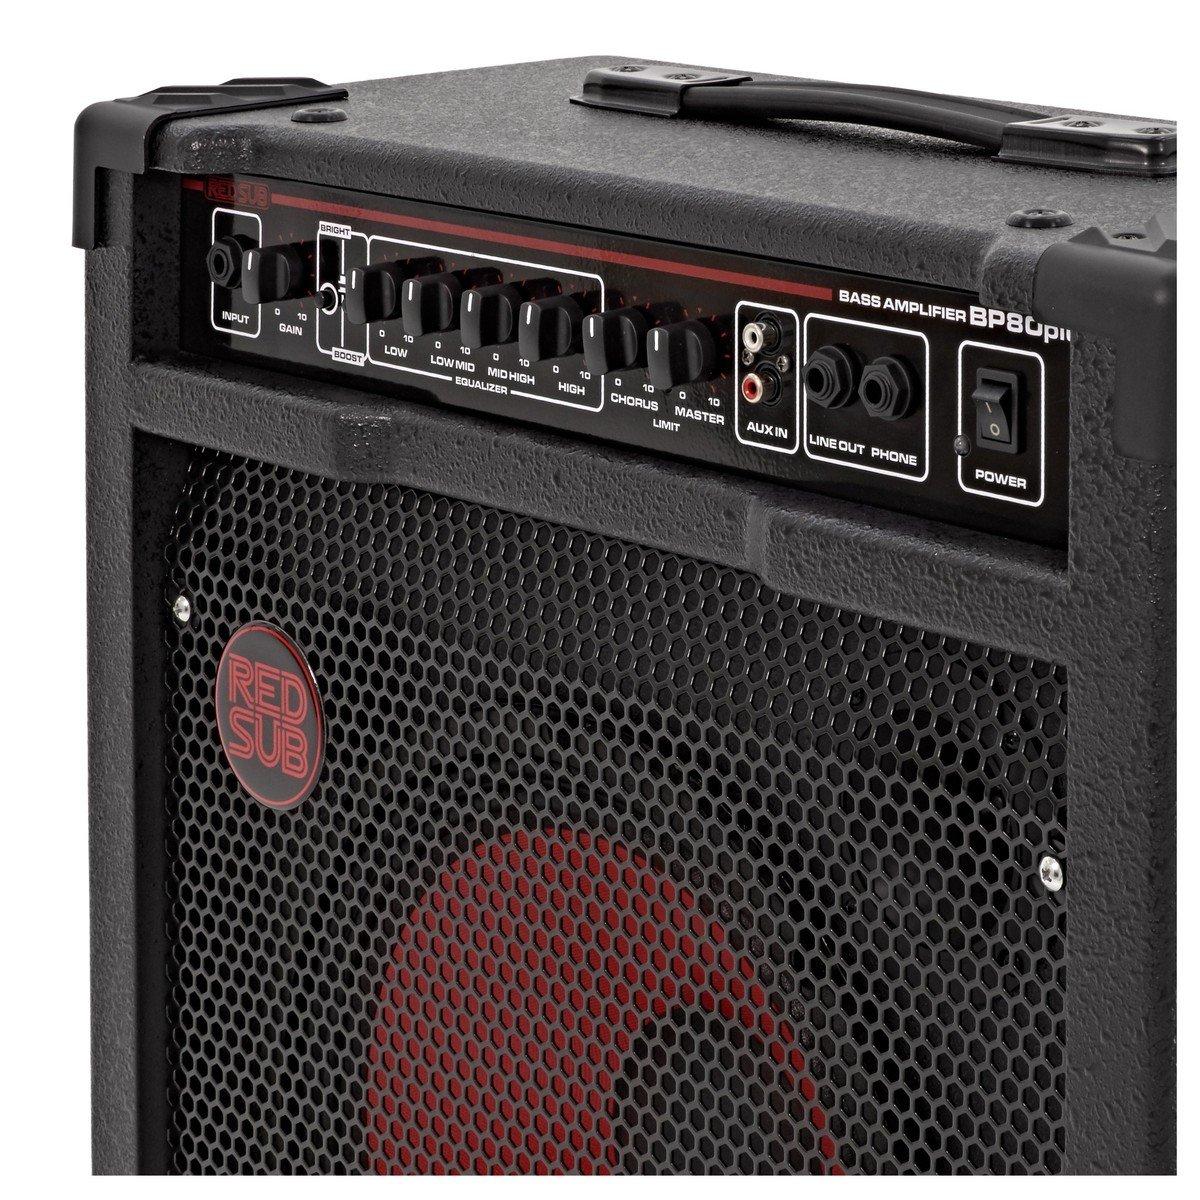 RedSub BP80plus Amplificador de Bajo 80 W: Amazon.es: Instrumentos musicales